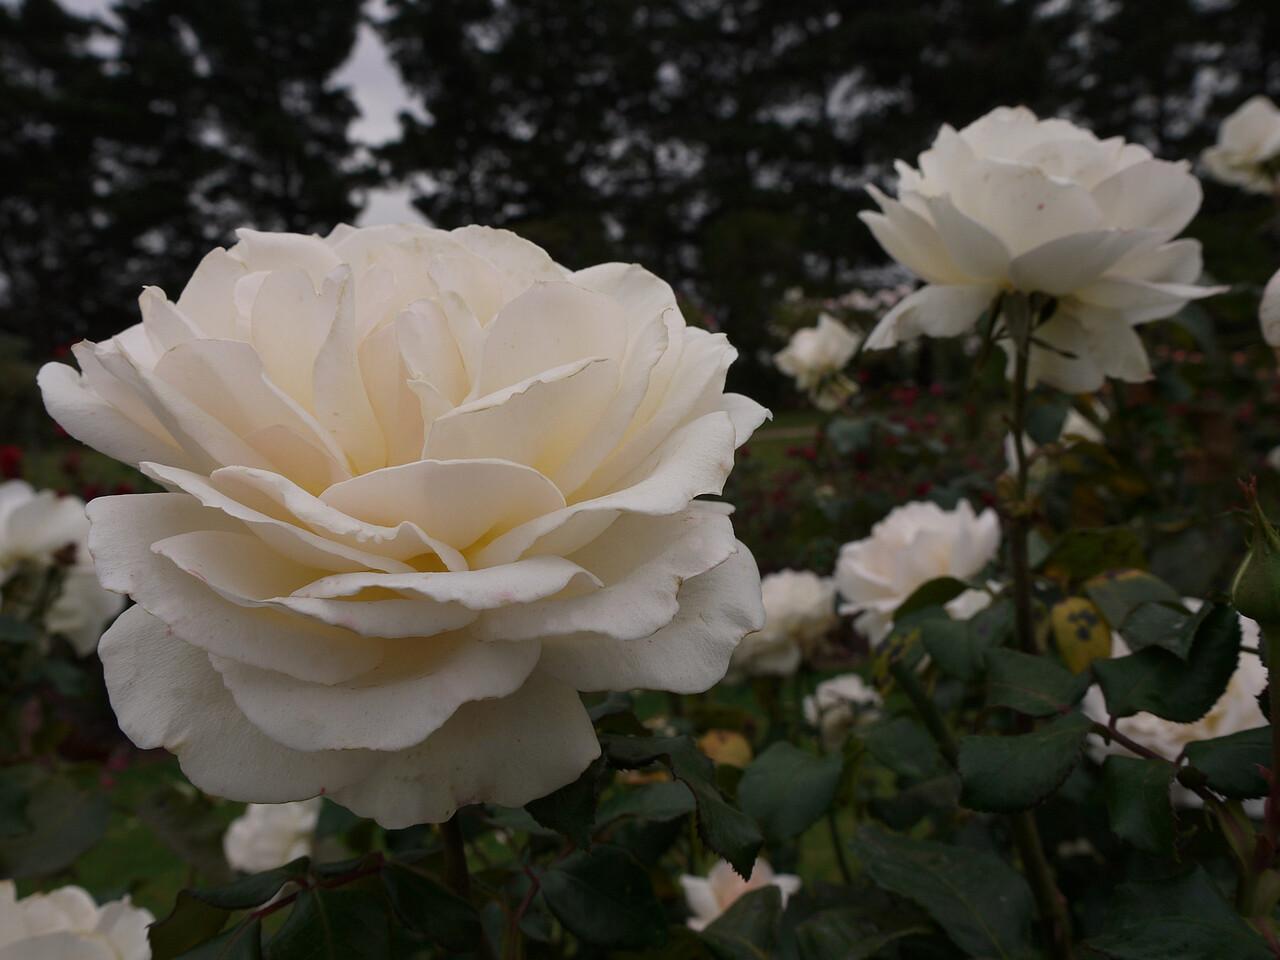 20120419_1055_0050 rose